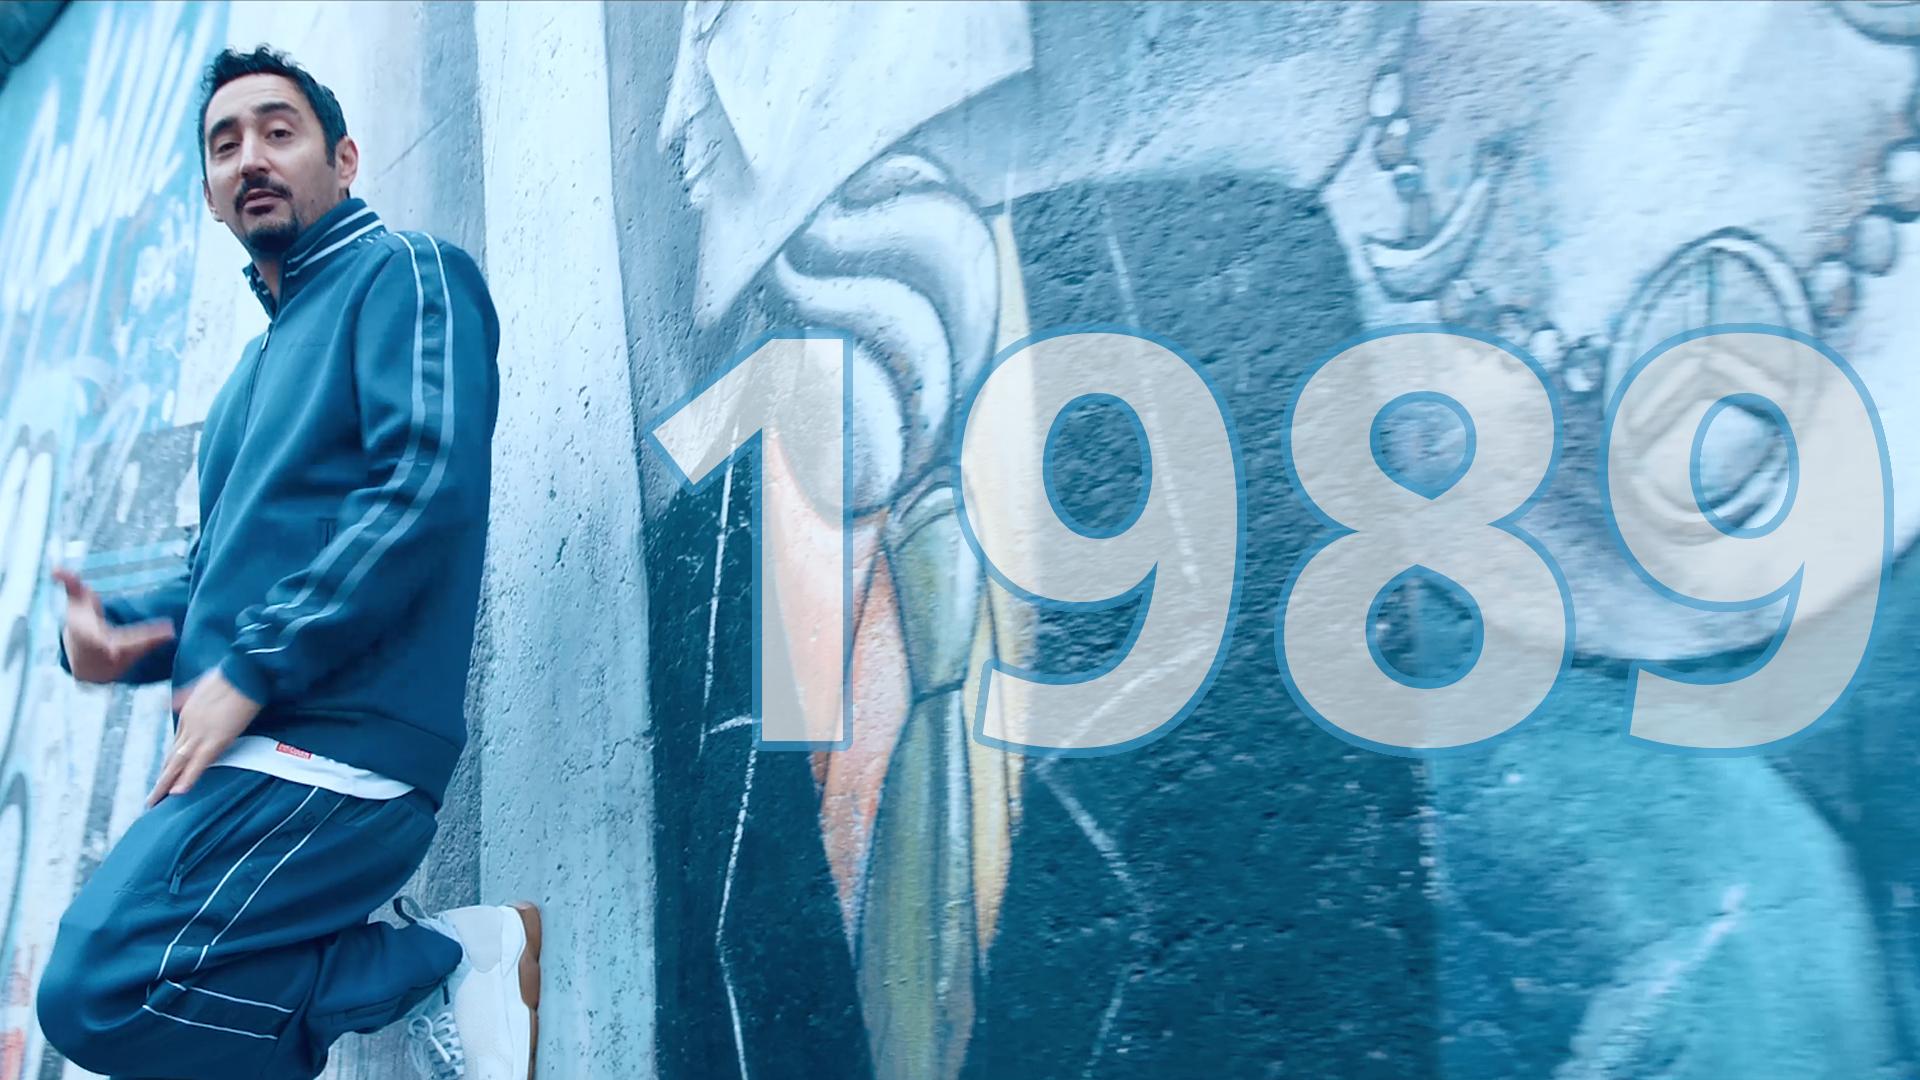 Influencer-Kampagne zu 30 Jahre Mauerfall